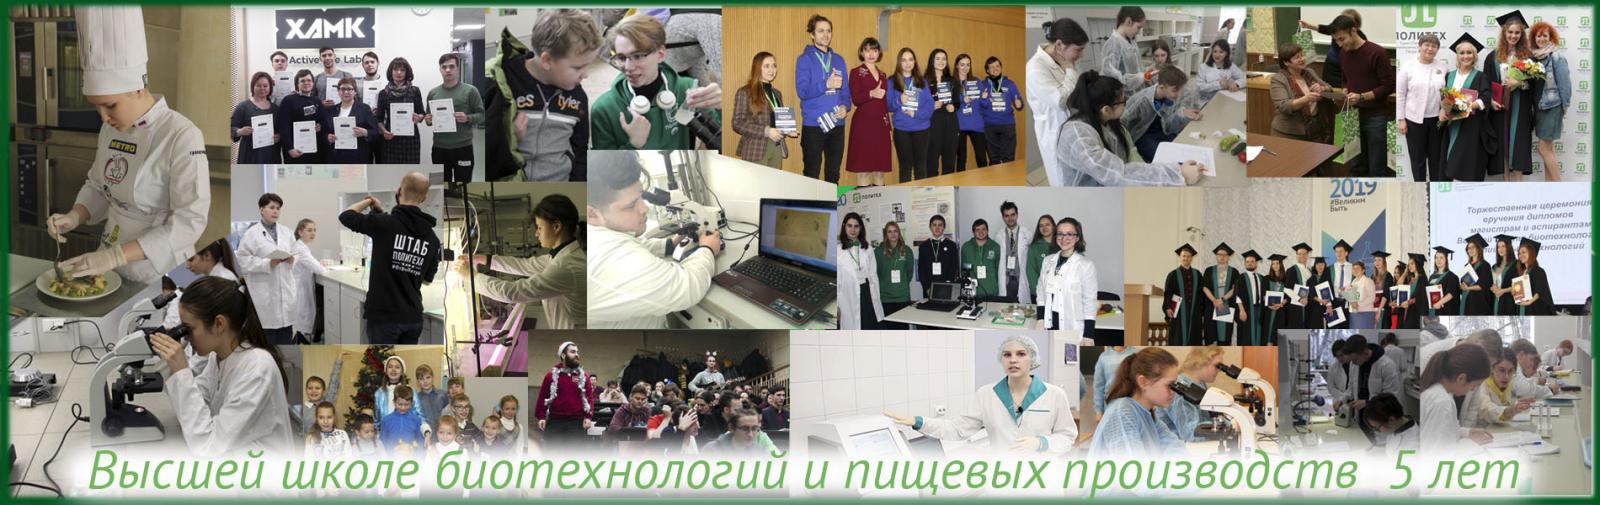 Высшей школе биотехнологий и пищевых производств СПбПУ 5 лет